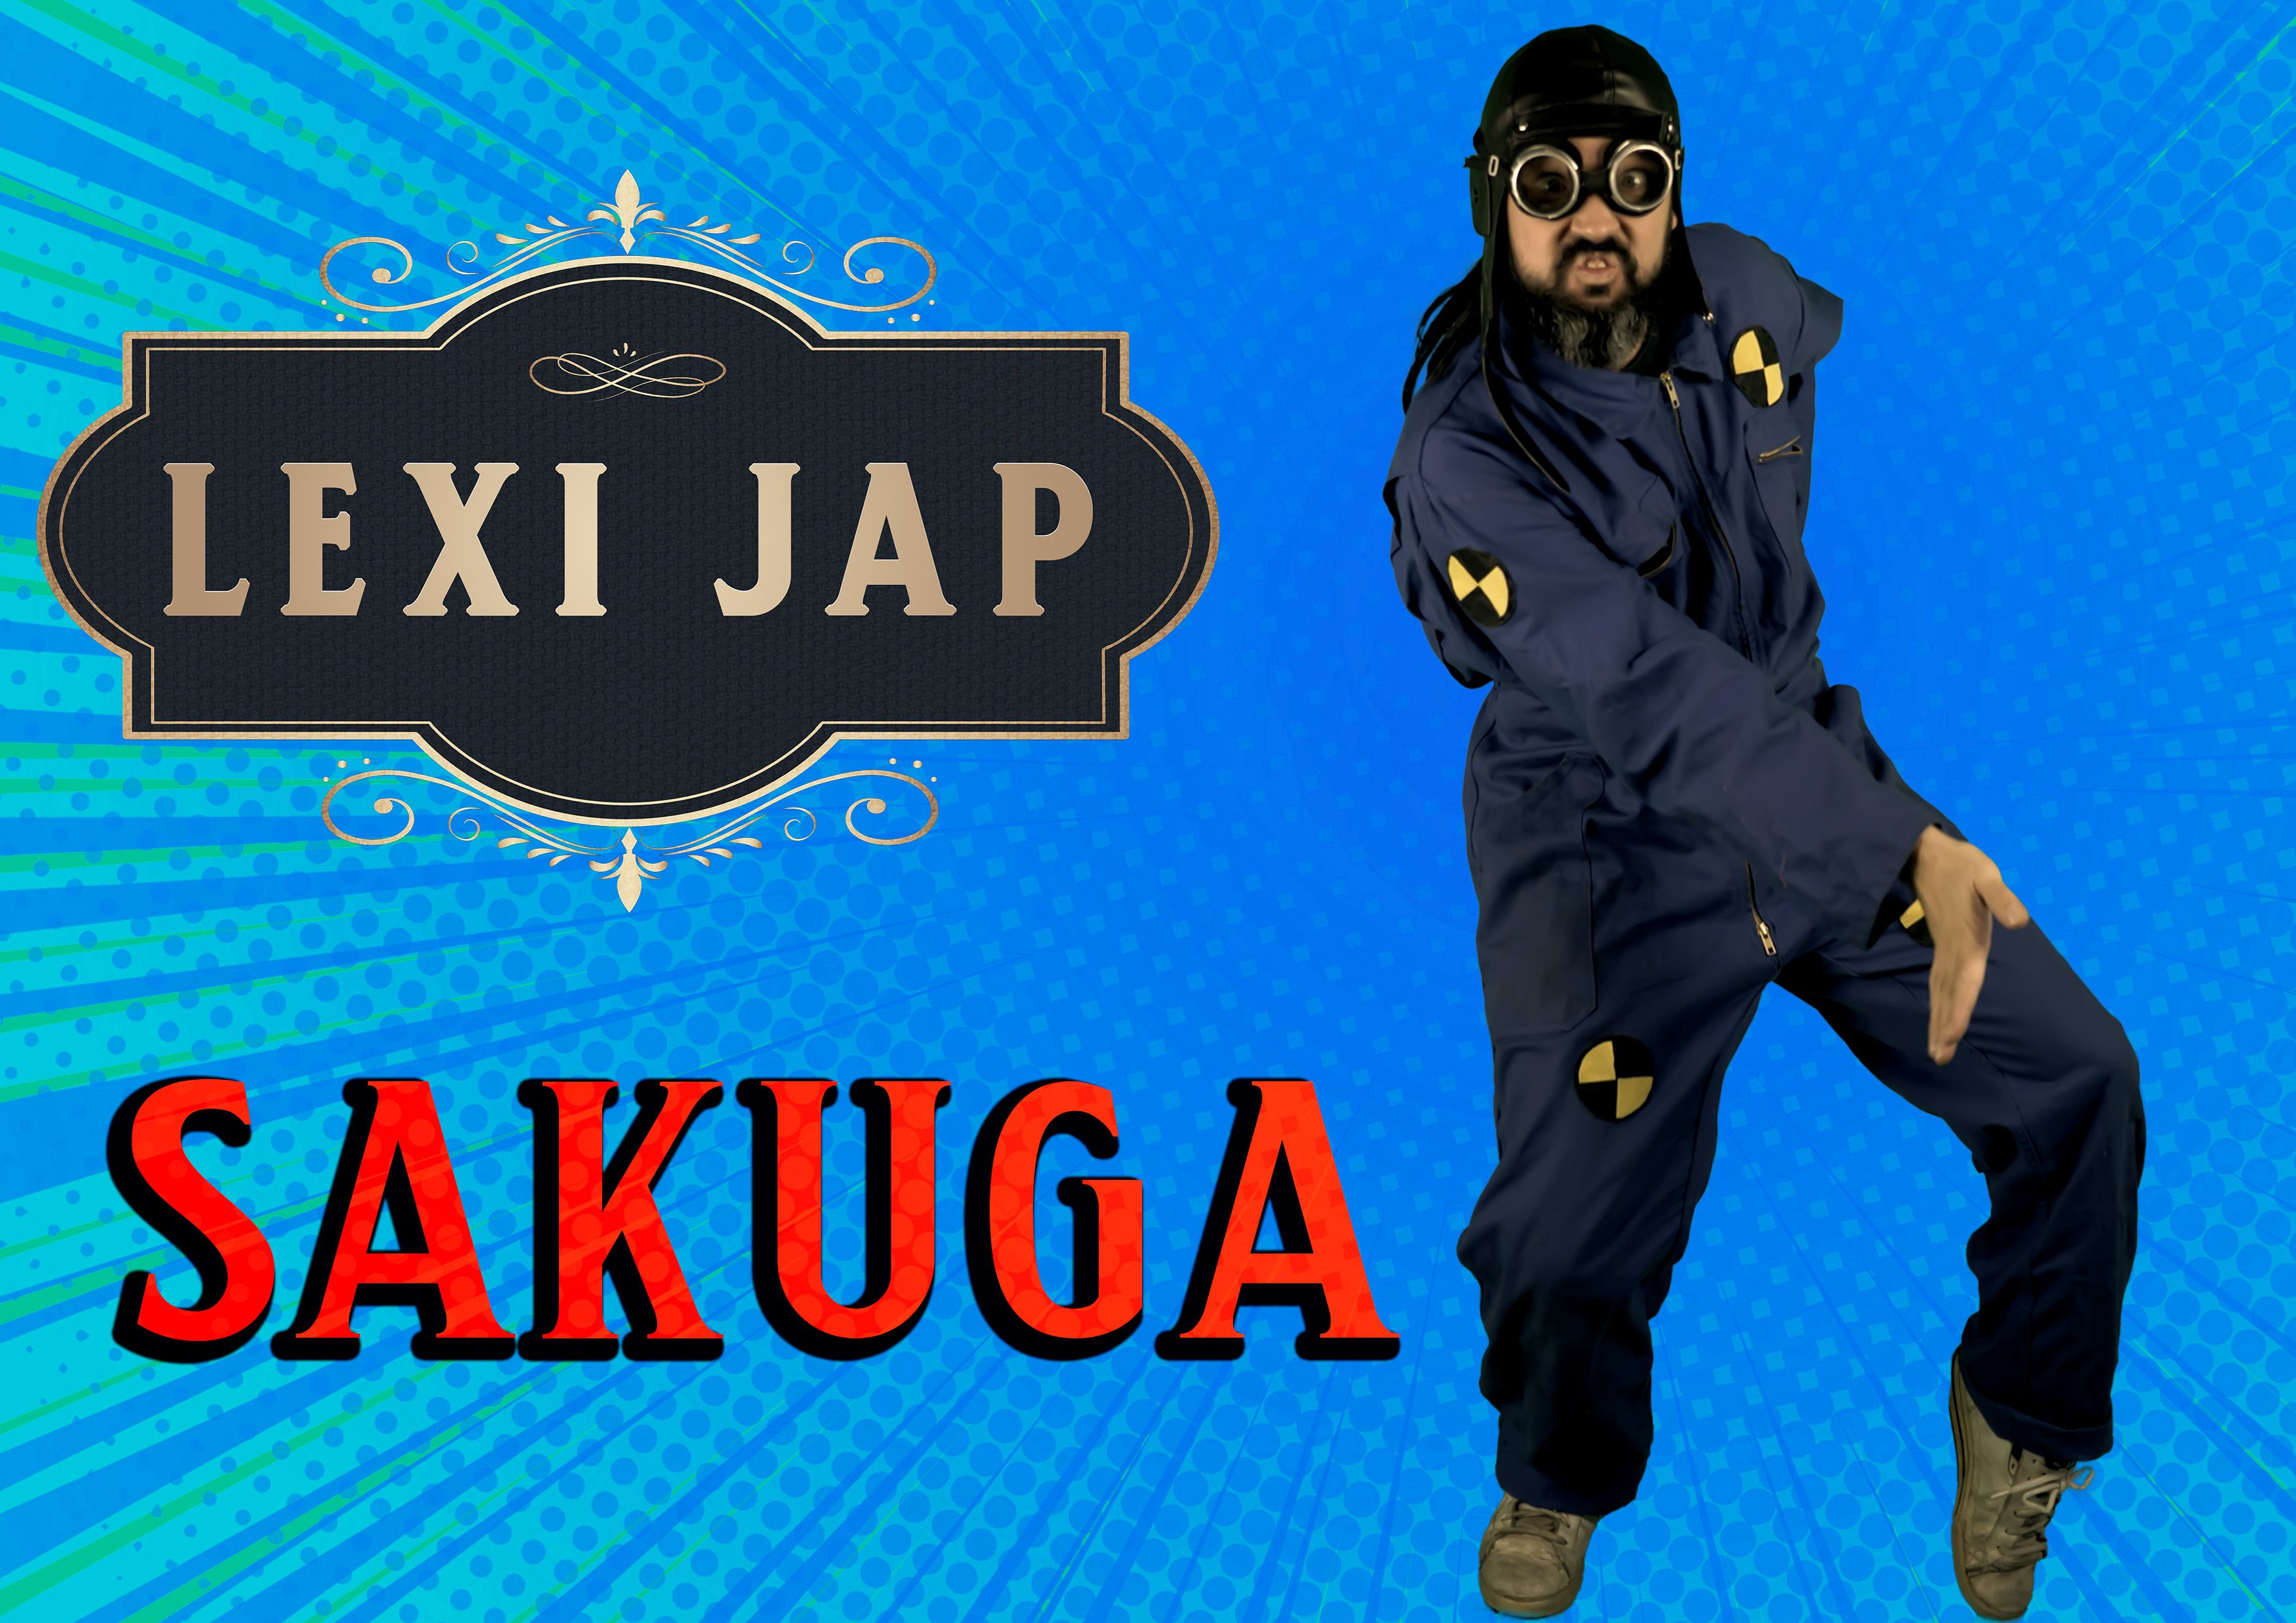 LexiJap-Sakuga.jpg